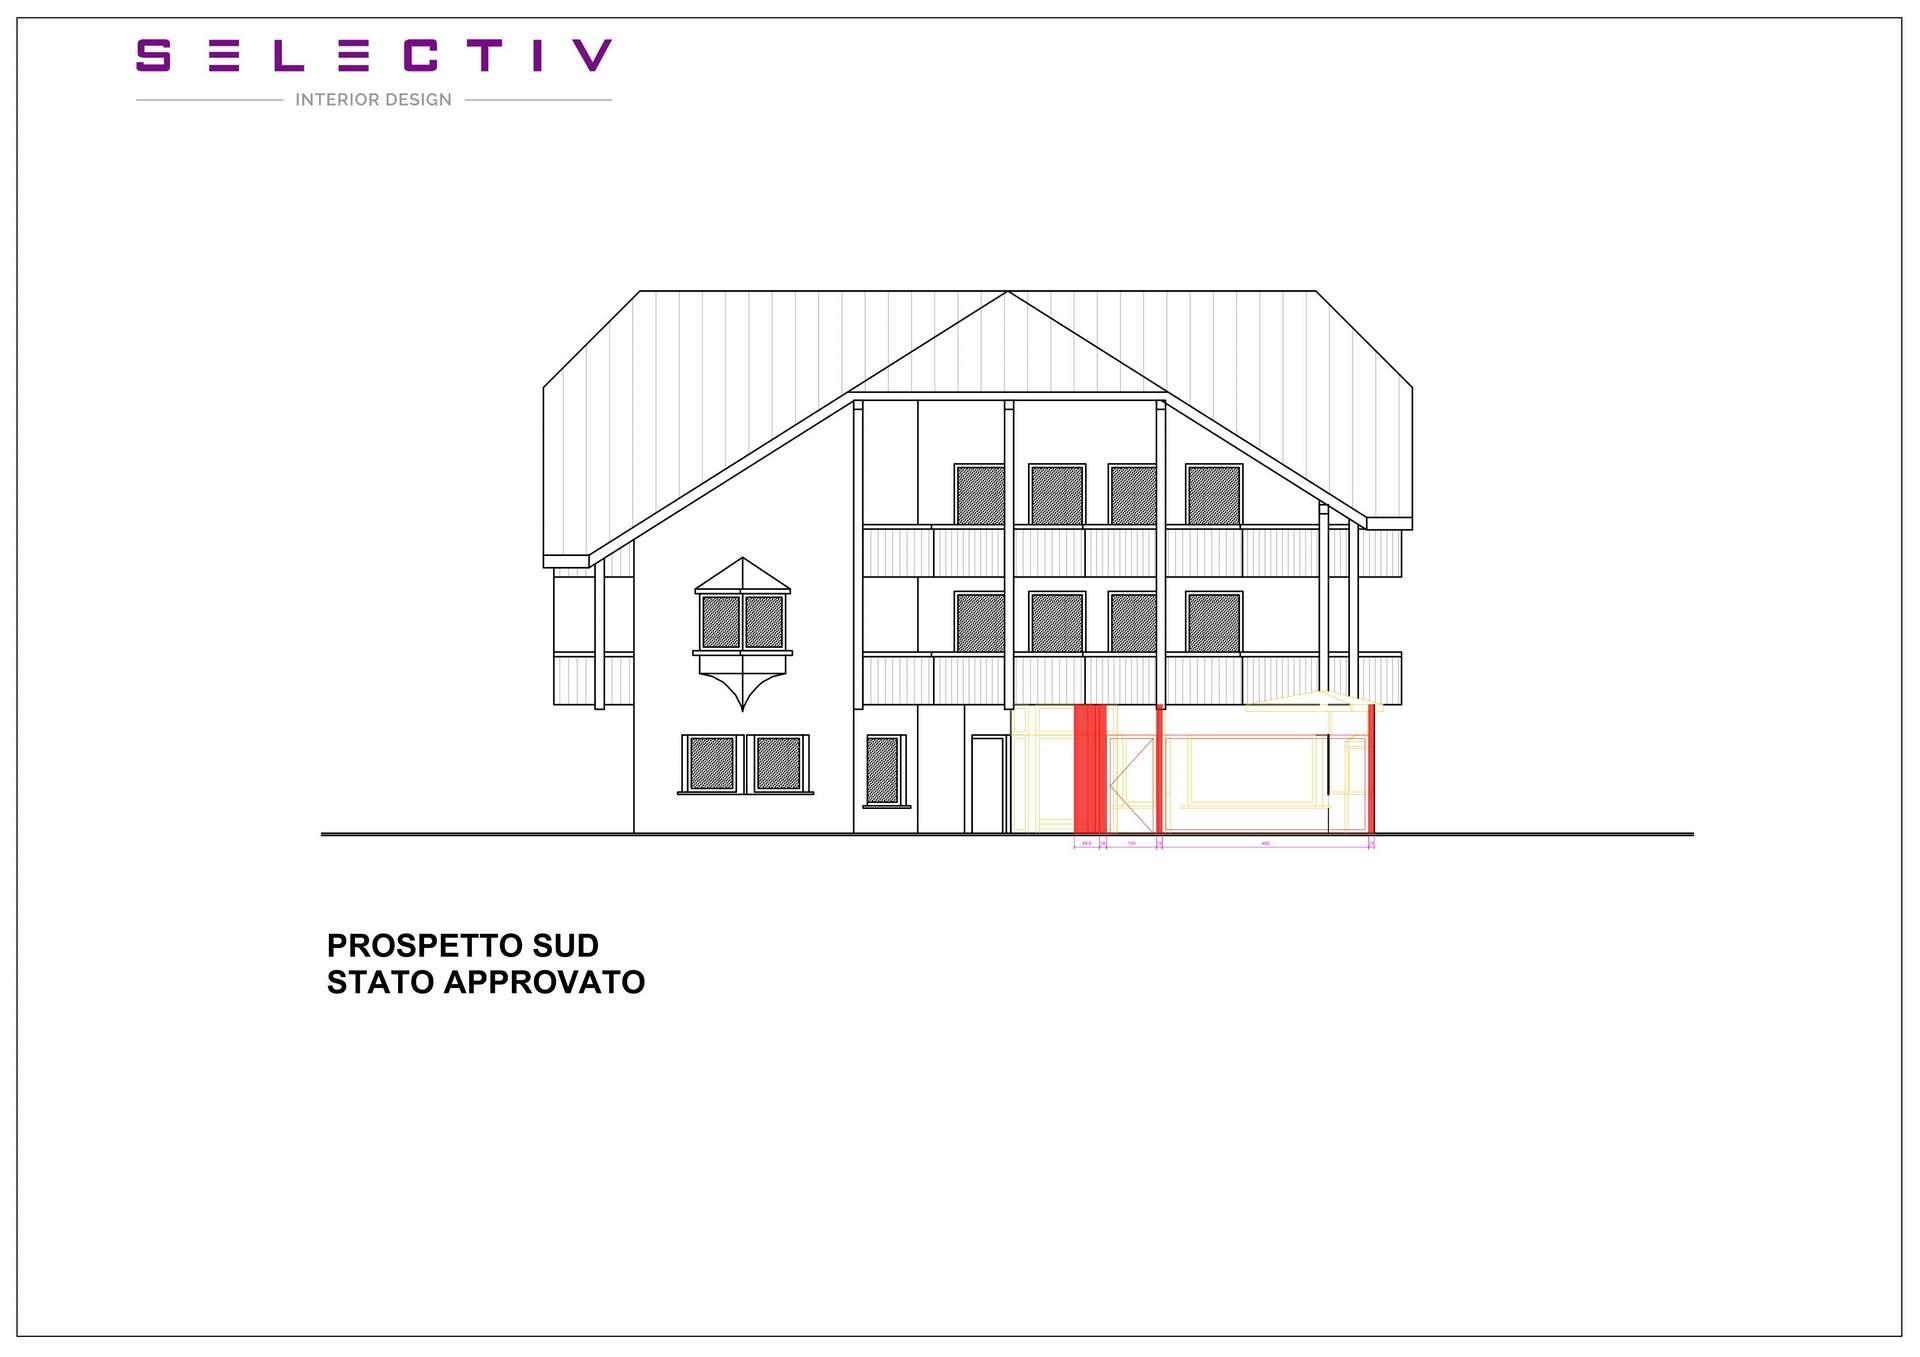 Novit e progetti attuali dei design interni di selectiv for Progetti design interni